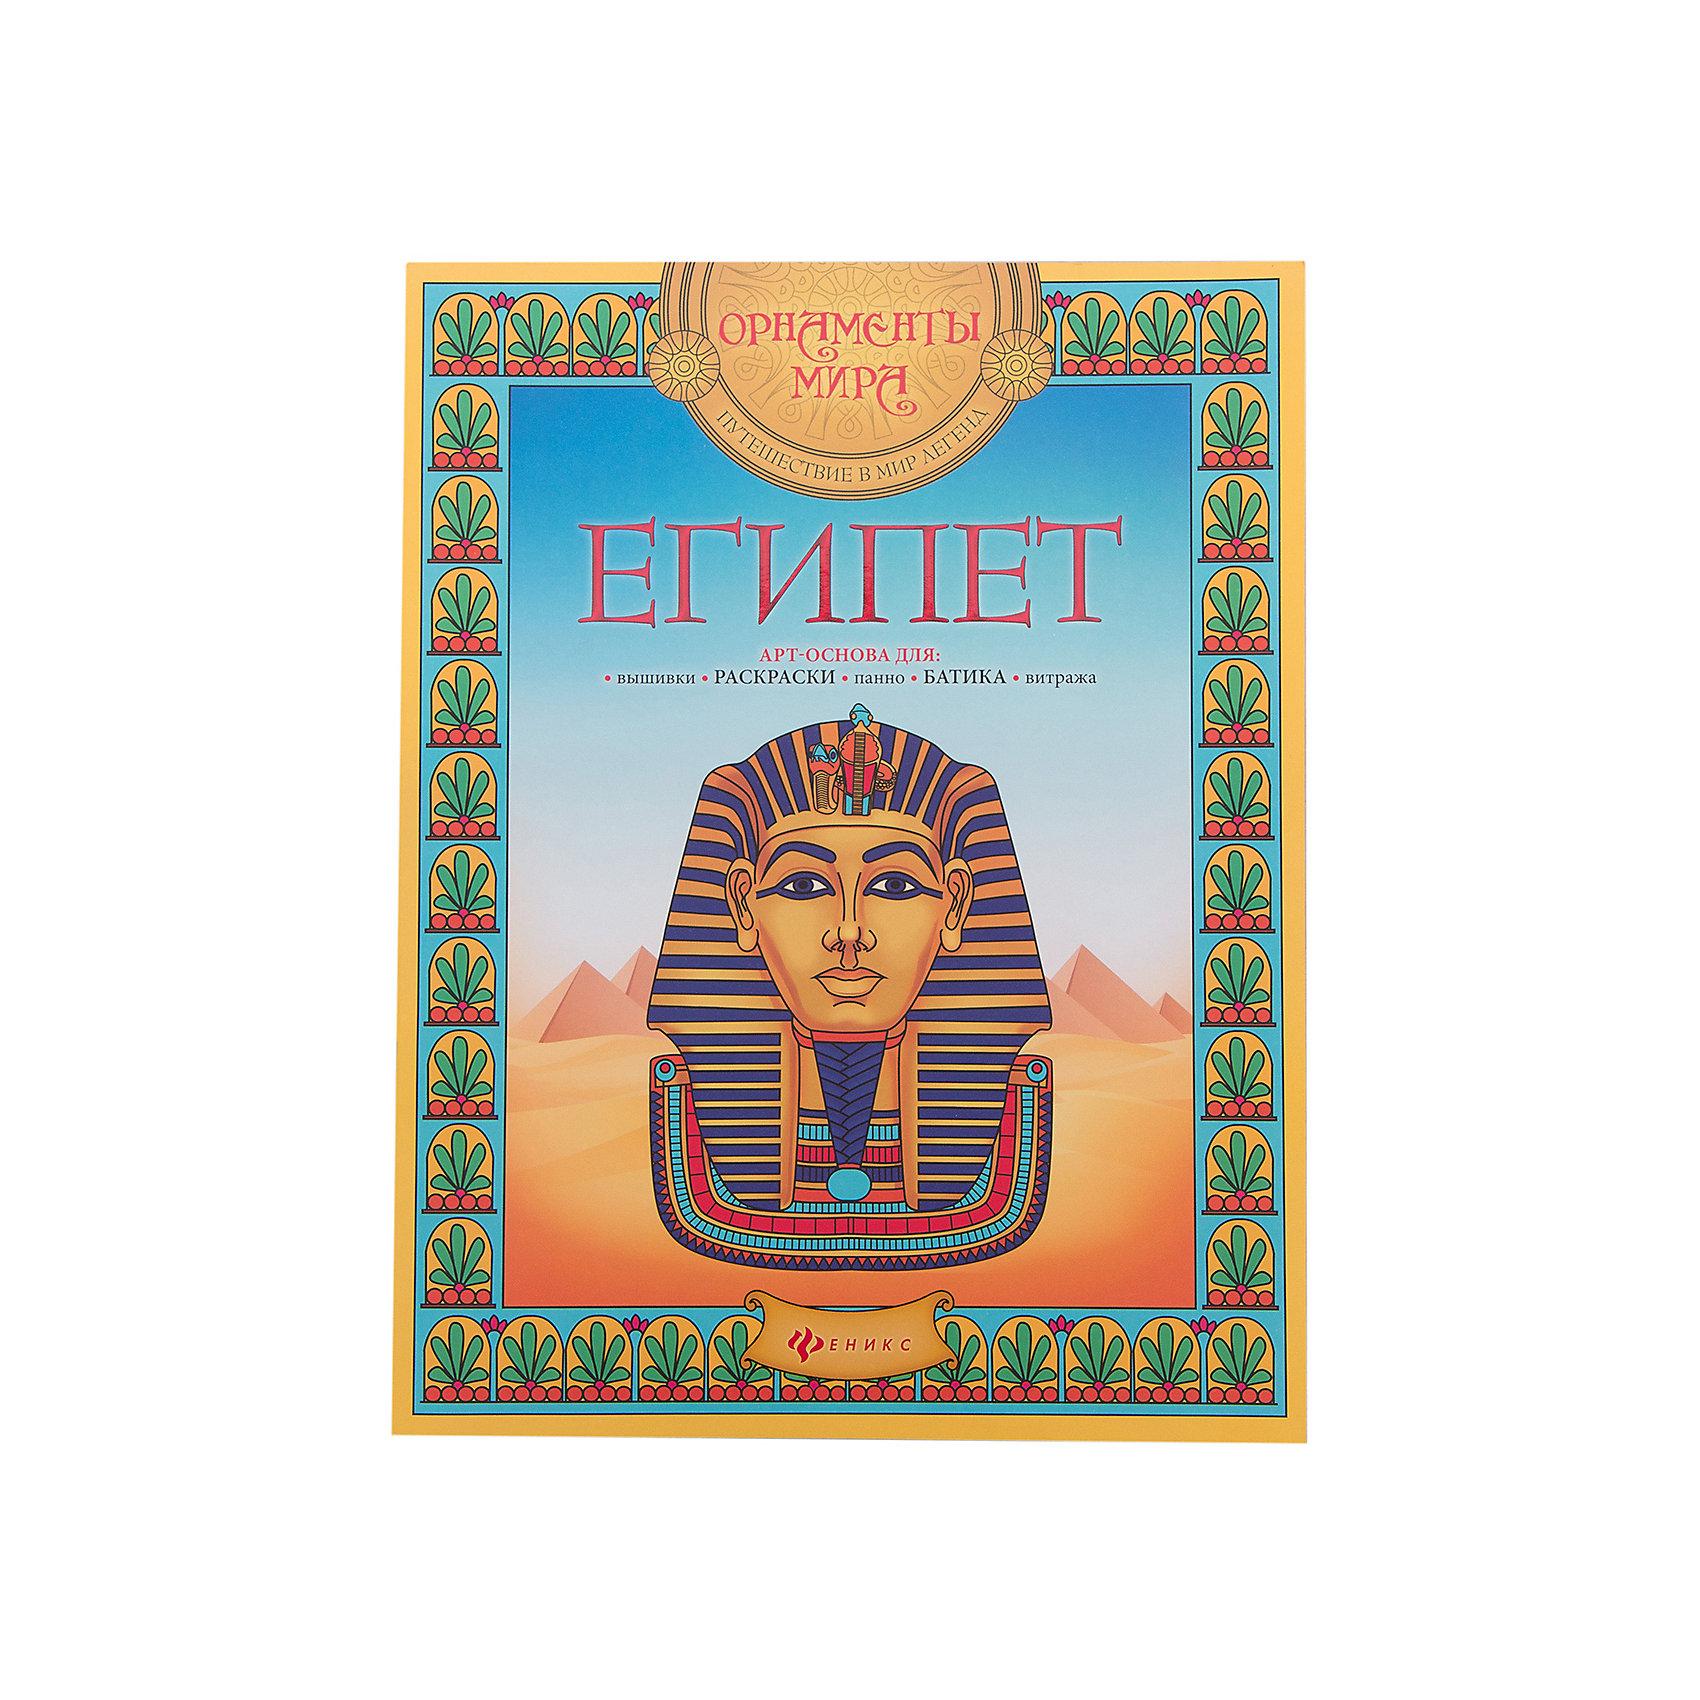 Египет: арт-основаУникальная раскраска Египет: арт-основа соединяет в себе эстетику с познанием. На каждой страничке представлено черно-белое изображение с изысканным египетским орнаментом. Иллюстрации тщательно скопированы с оригинальных образцов египетской культуры и обработаны для того, чтобы послужить арт-основой для собственного творчества: раскраски, вышивки, панно, витража, батика.<br><br><br>Дополнительная информация:<br><br>- Художник: Н. Рудыка.<br>- Серия: Орнаменты мира.<br>- Обложка: мягкая.<br>- Иллюстрации: черно-белые.<br>- Объем: 16 стр.<br>- Размер: 26 x 0,2 x 20 см.<br>- Вес: 74 гр.<br><br>Раскраску Египет: арт-основа, Феникс-Премьер, можно купить в нашем интернет-магазине.<br><br>Ширина мм: 260<br>Глубина мм: 200<br>Высота мм: 2<br>Вес г: 432<br>Возраст от месяцев: 36<br>Возраст до месяцев: 84<br>Пол: Унисекс<br>Возраст: Детский<br>SKU: 4771438